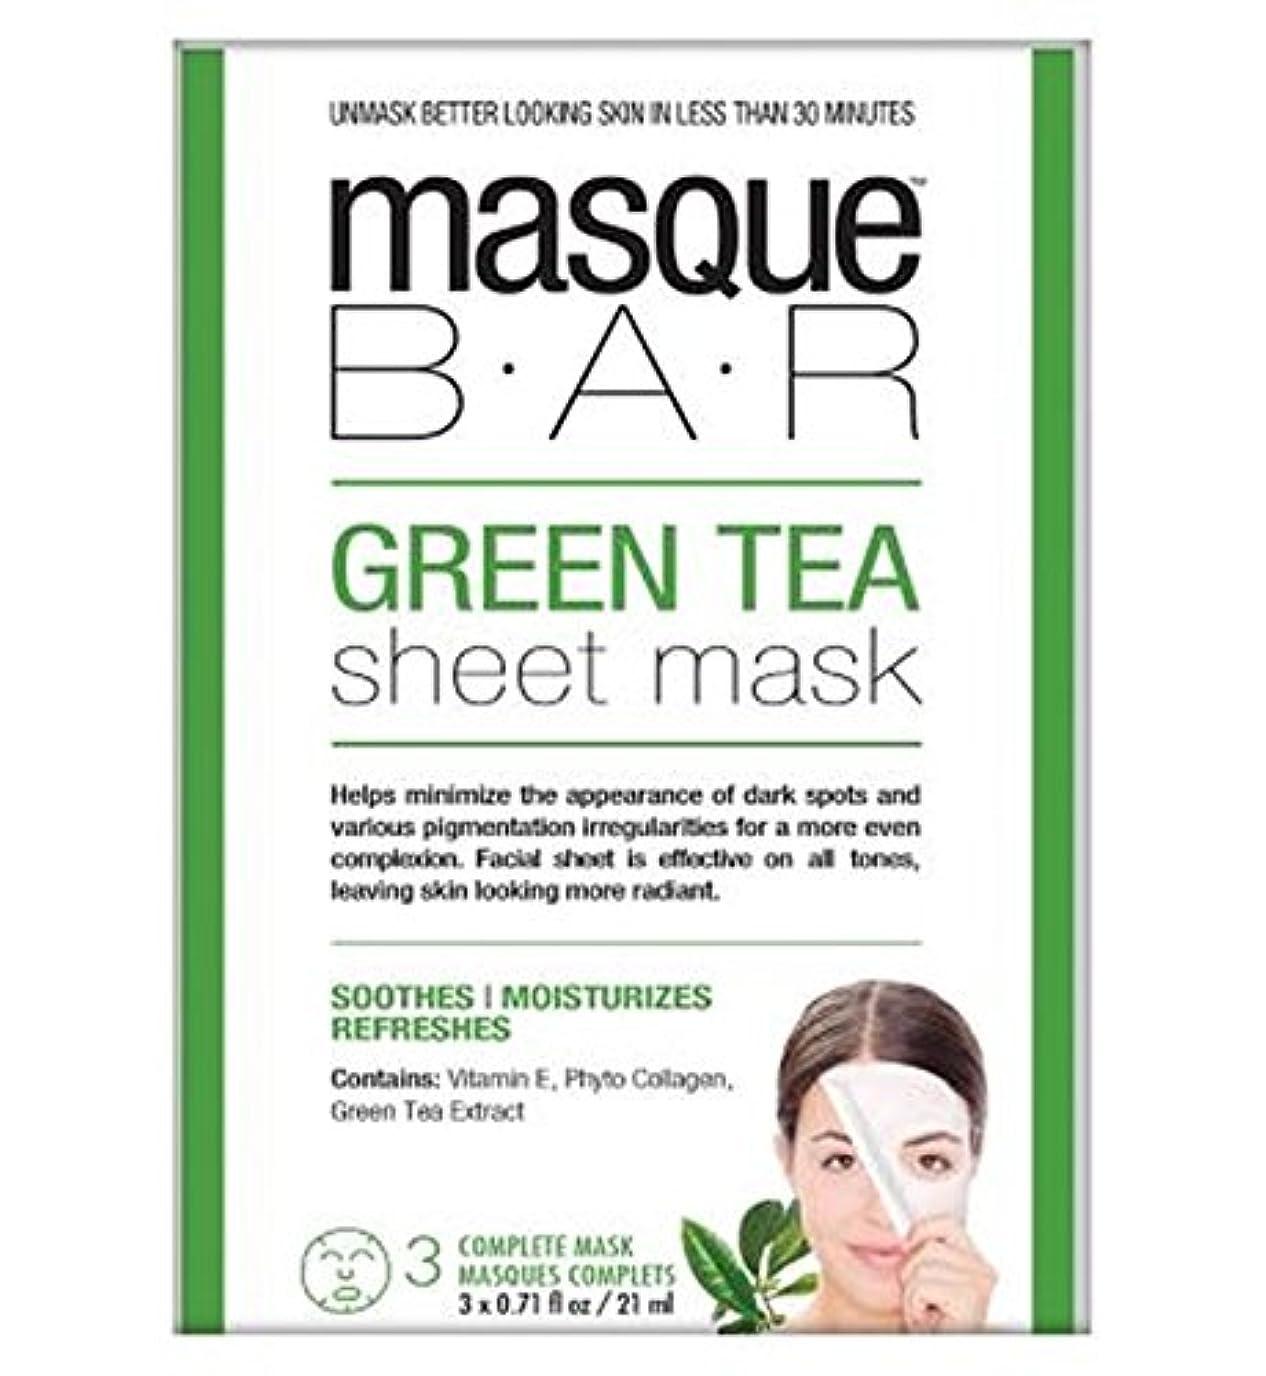 将来のレパートリーポンドMasque Bar Green Tea Sheet Mask - 3 complete masks - 仮面劇バー緑茶シートマスク - 3完全なマスク (P6B Masque Bar Bt) [並行輸入品]